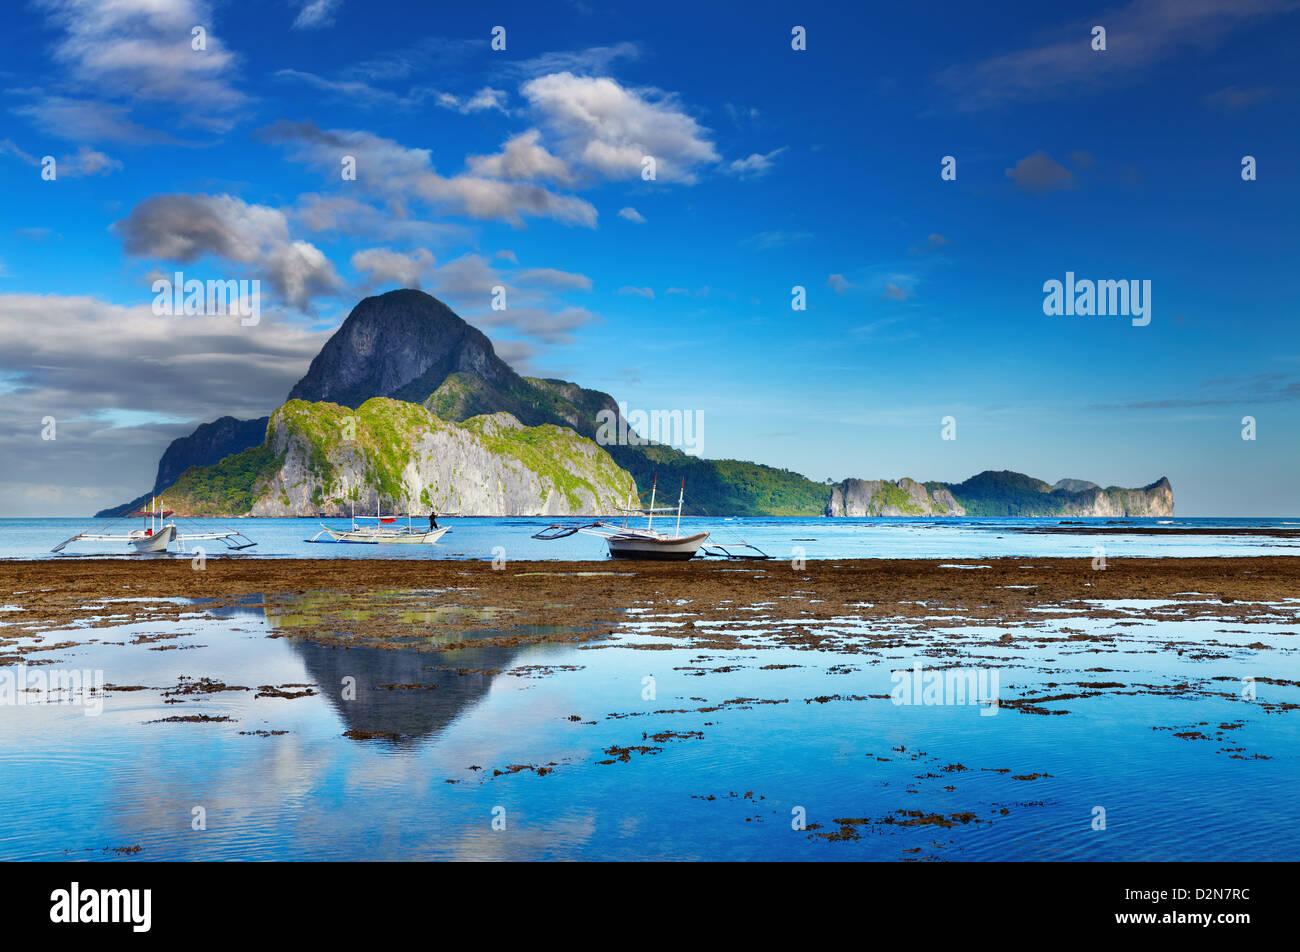 El Nido bay and Cadlao island at low tide, Palawan, Philippines - Stock Image